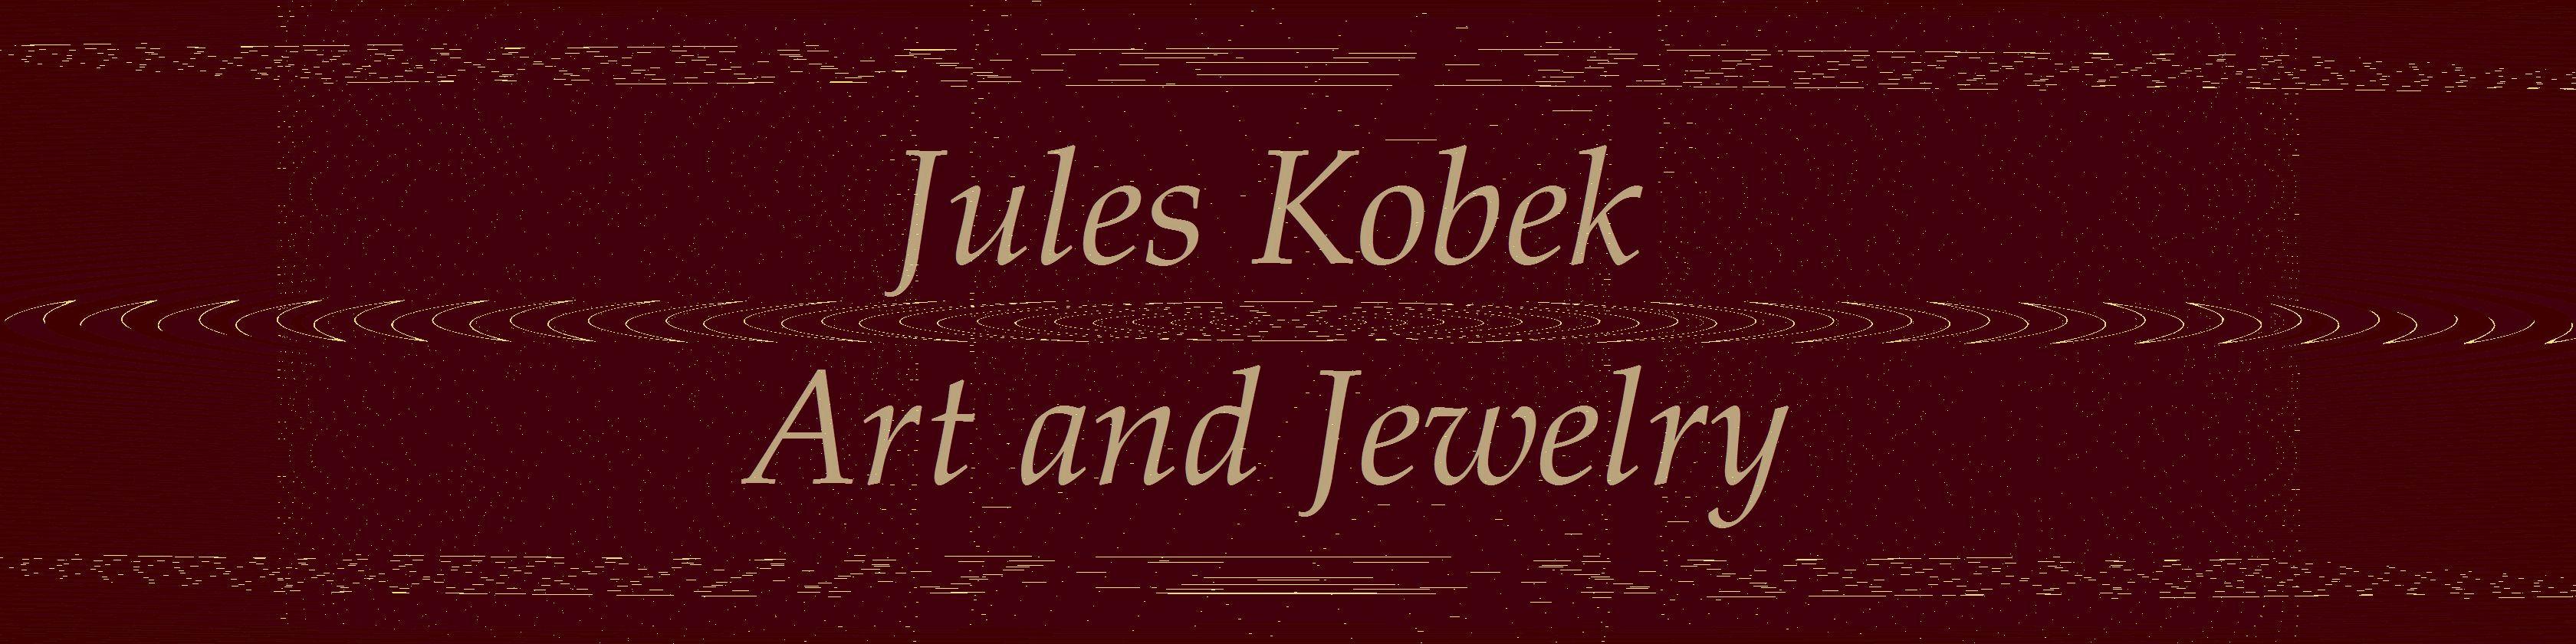 Jules Kobek